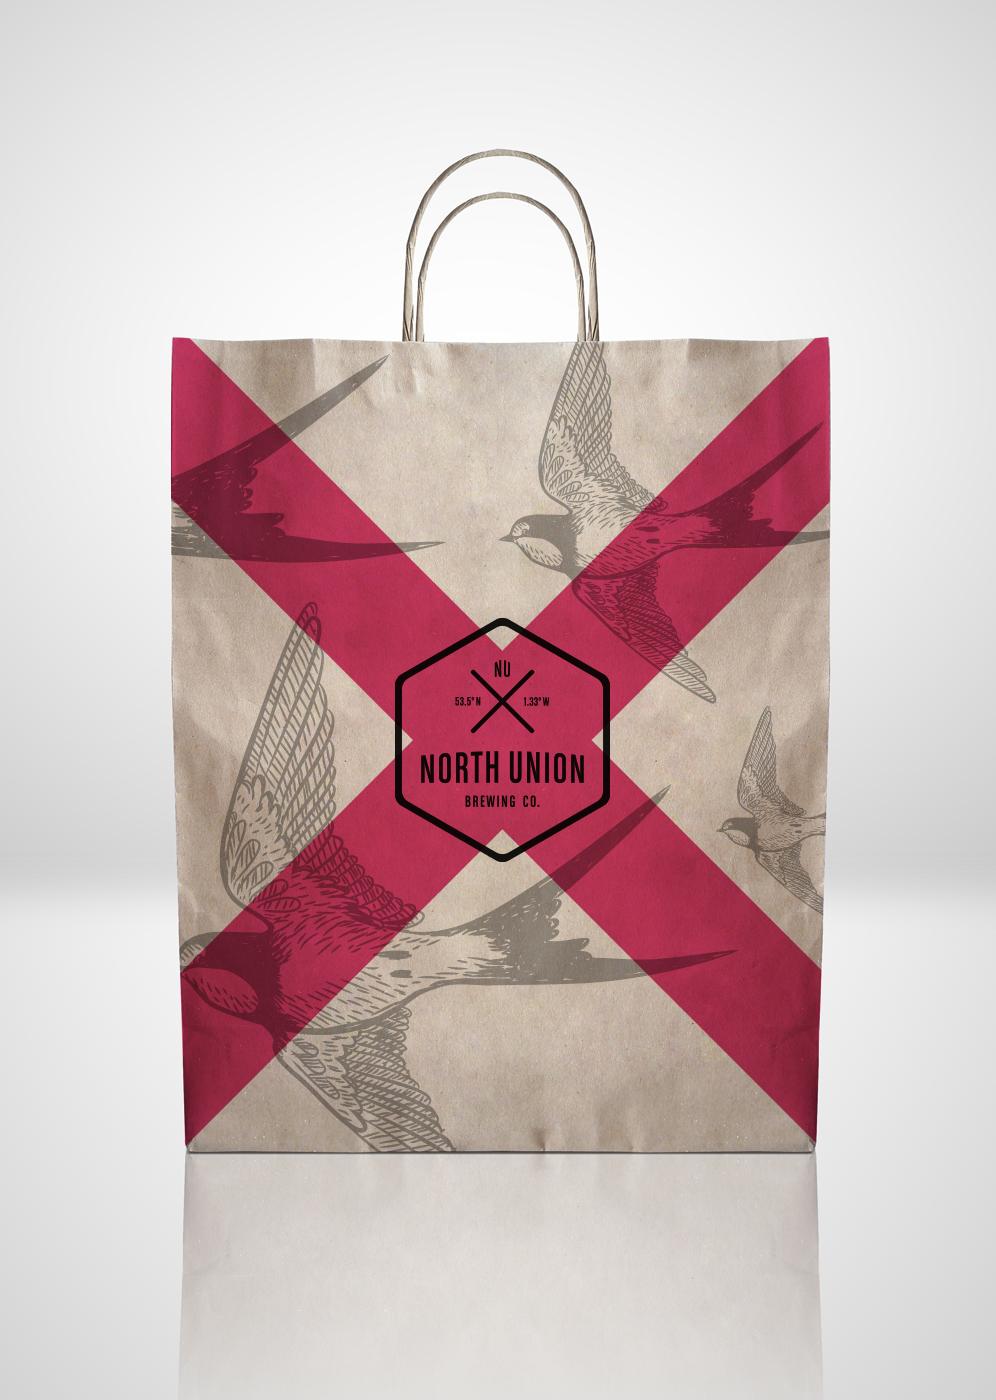 NUBC_Full bag_996x1400